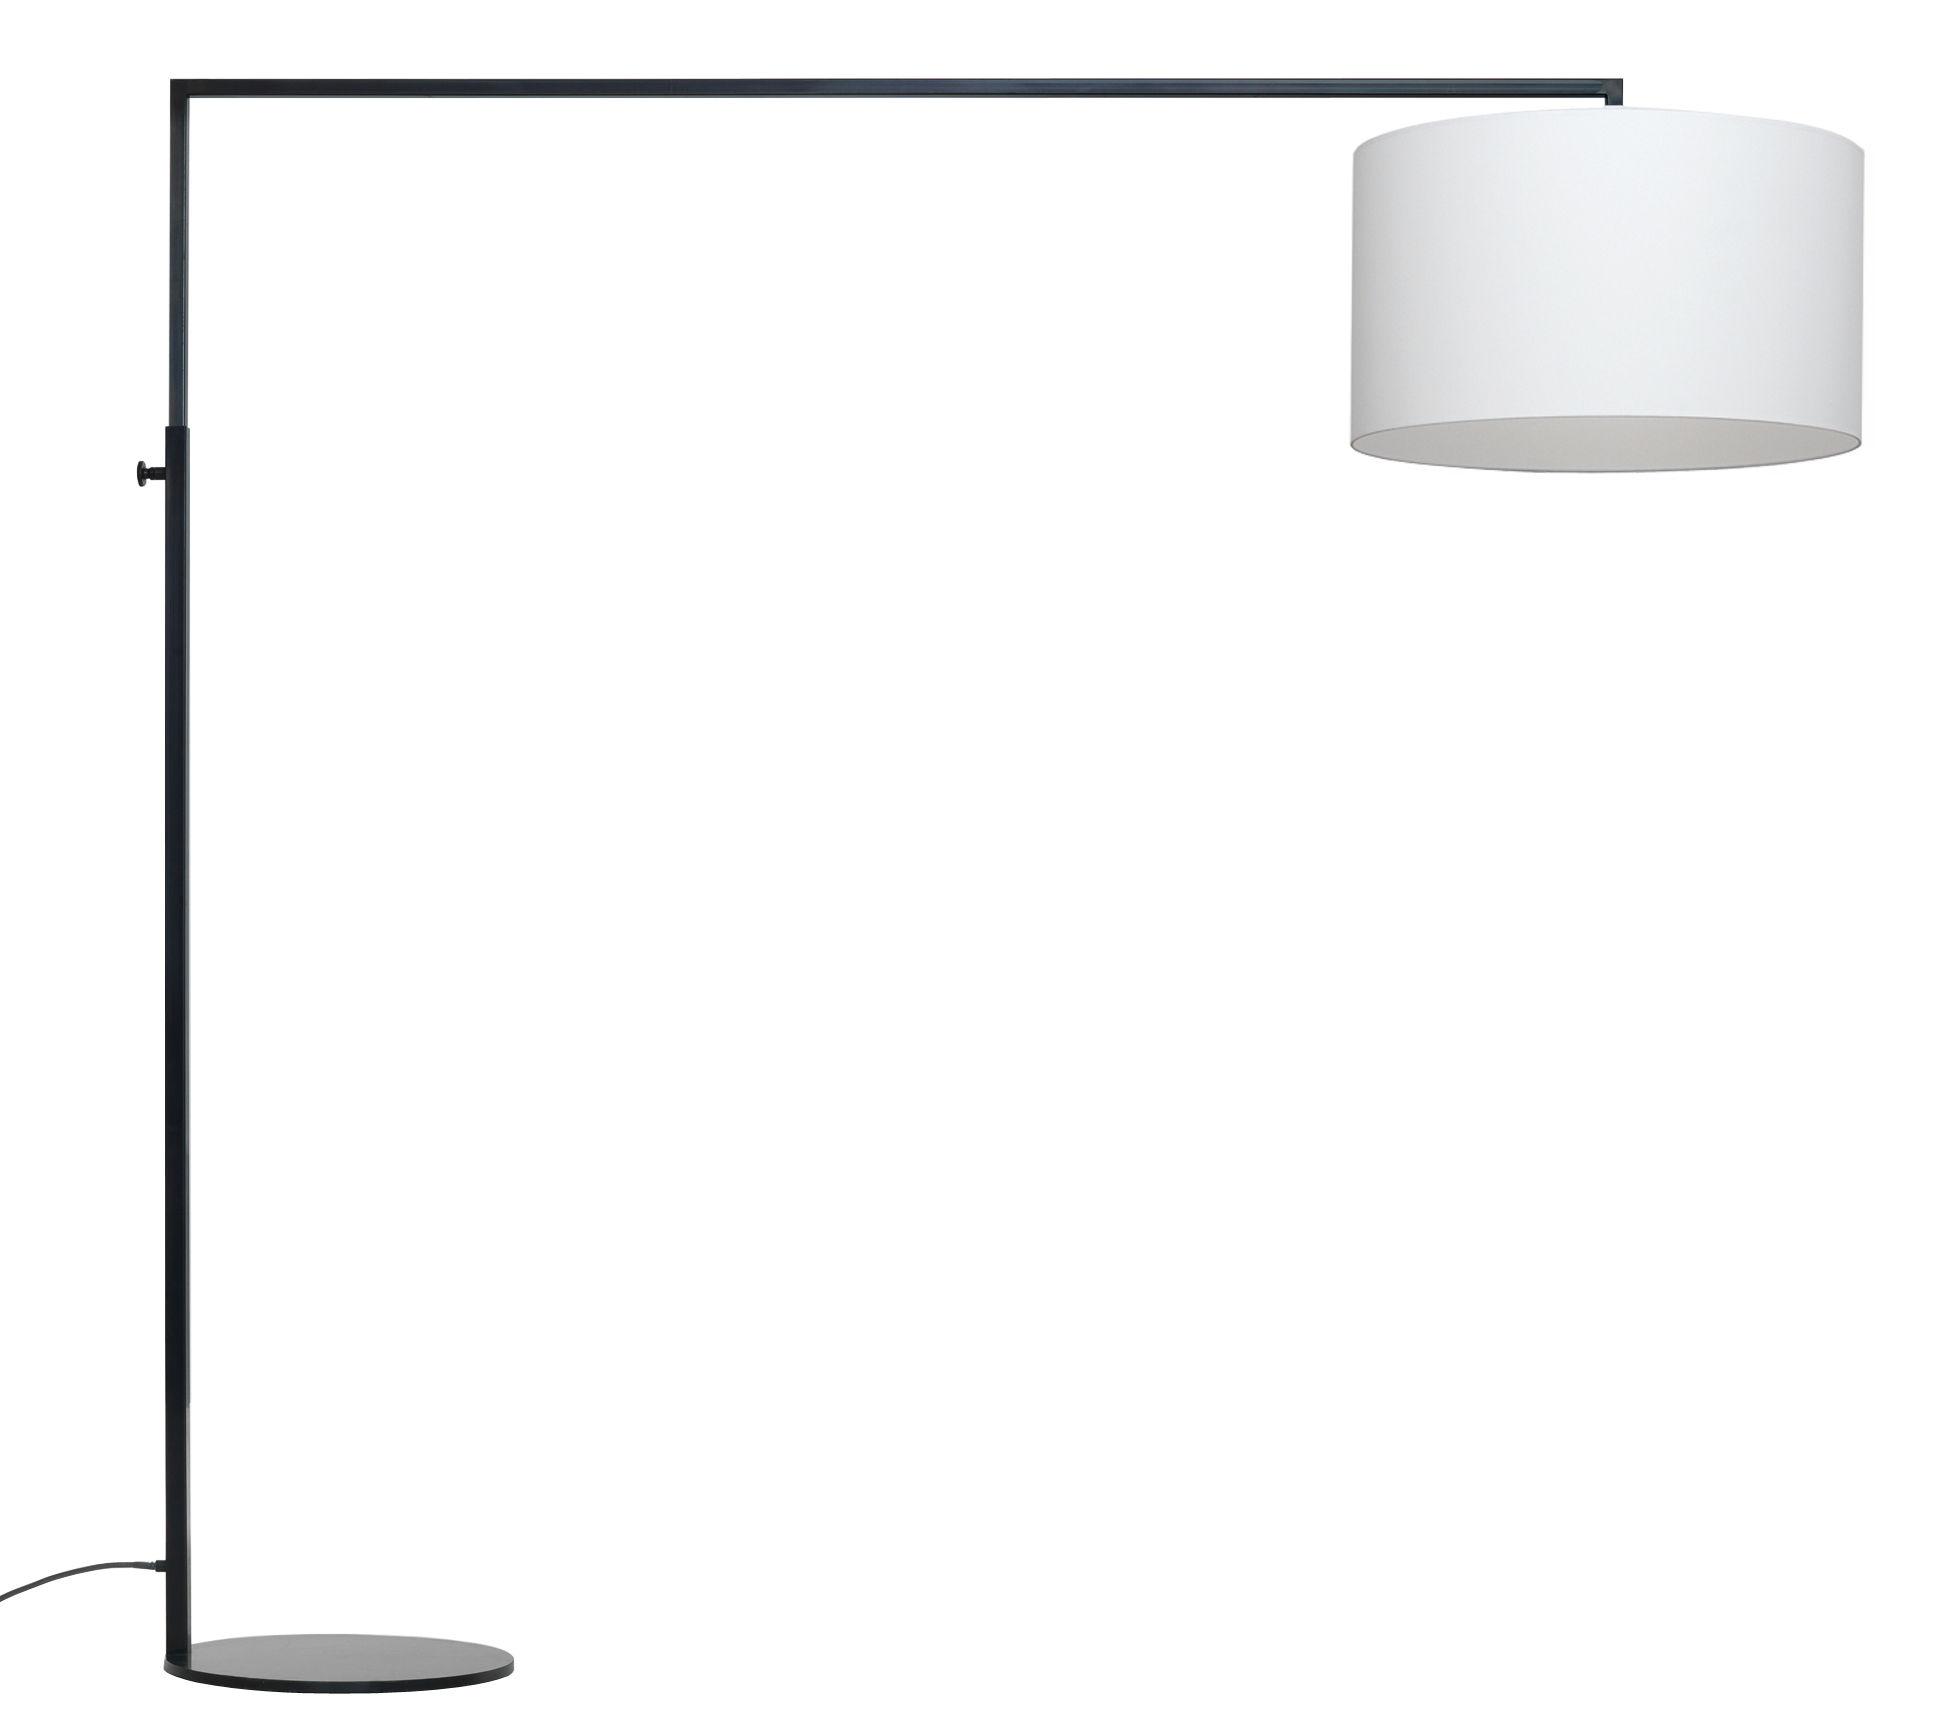 Luminaire - Lampadaires - Lampadaire High Noon - H 163 à 220 cm - Zeitraum - Abat-jour blanc / structure noir mat - Fer laqué, Tissu